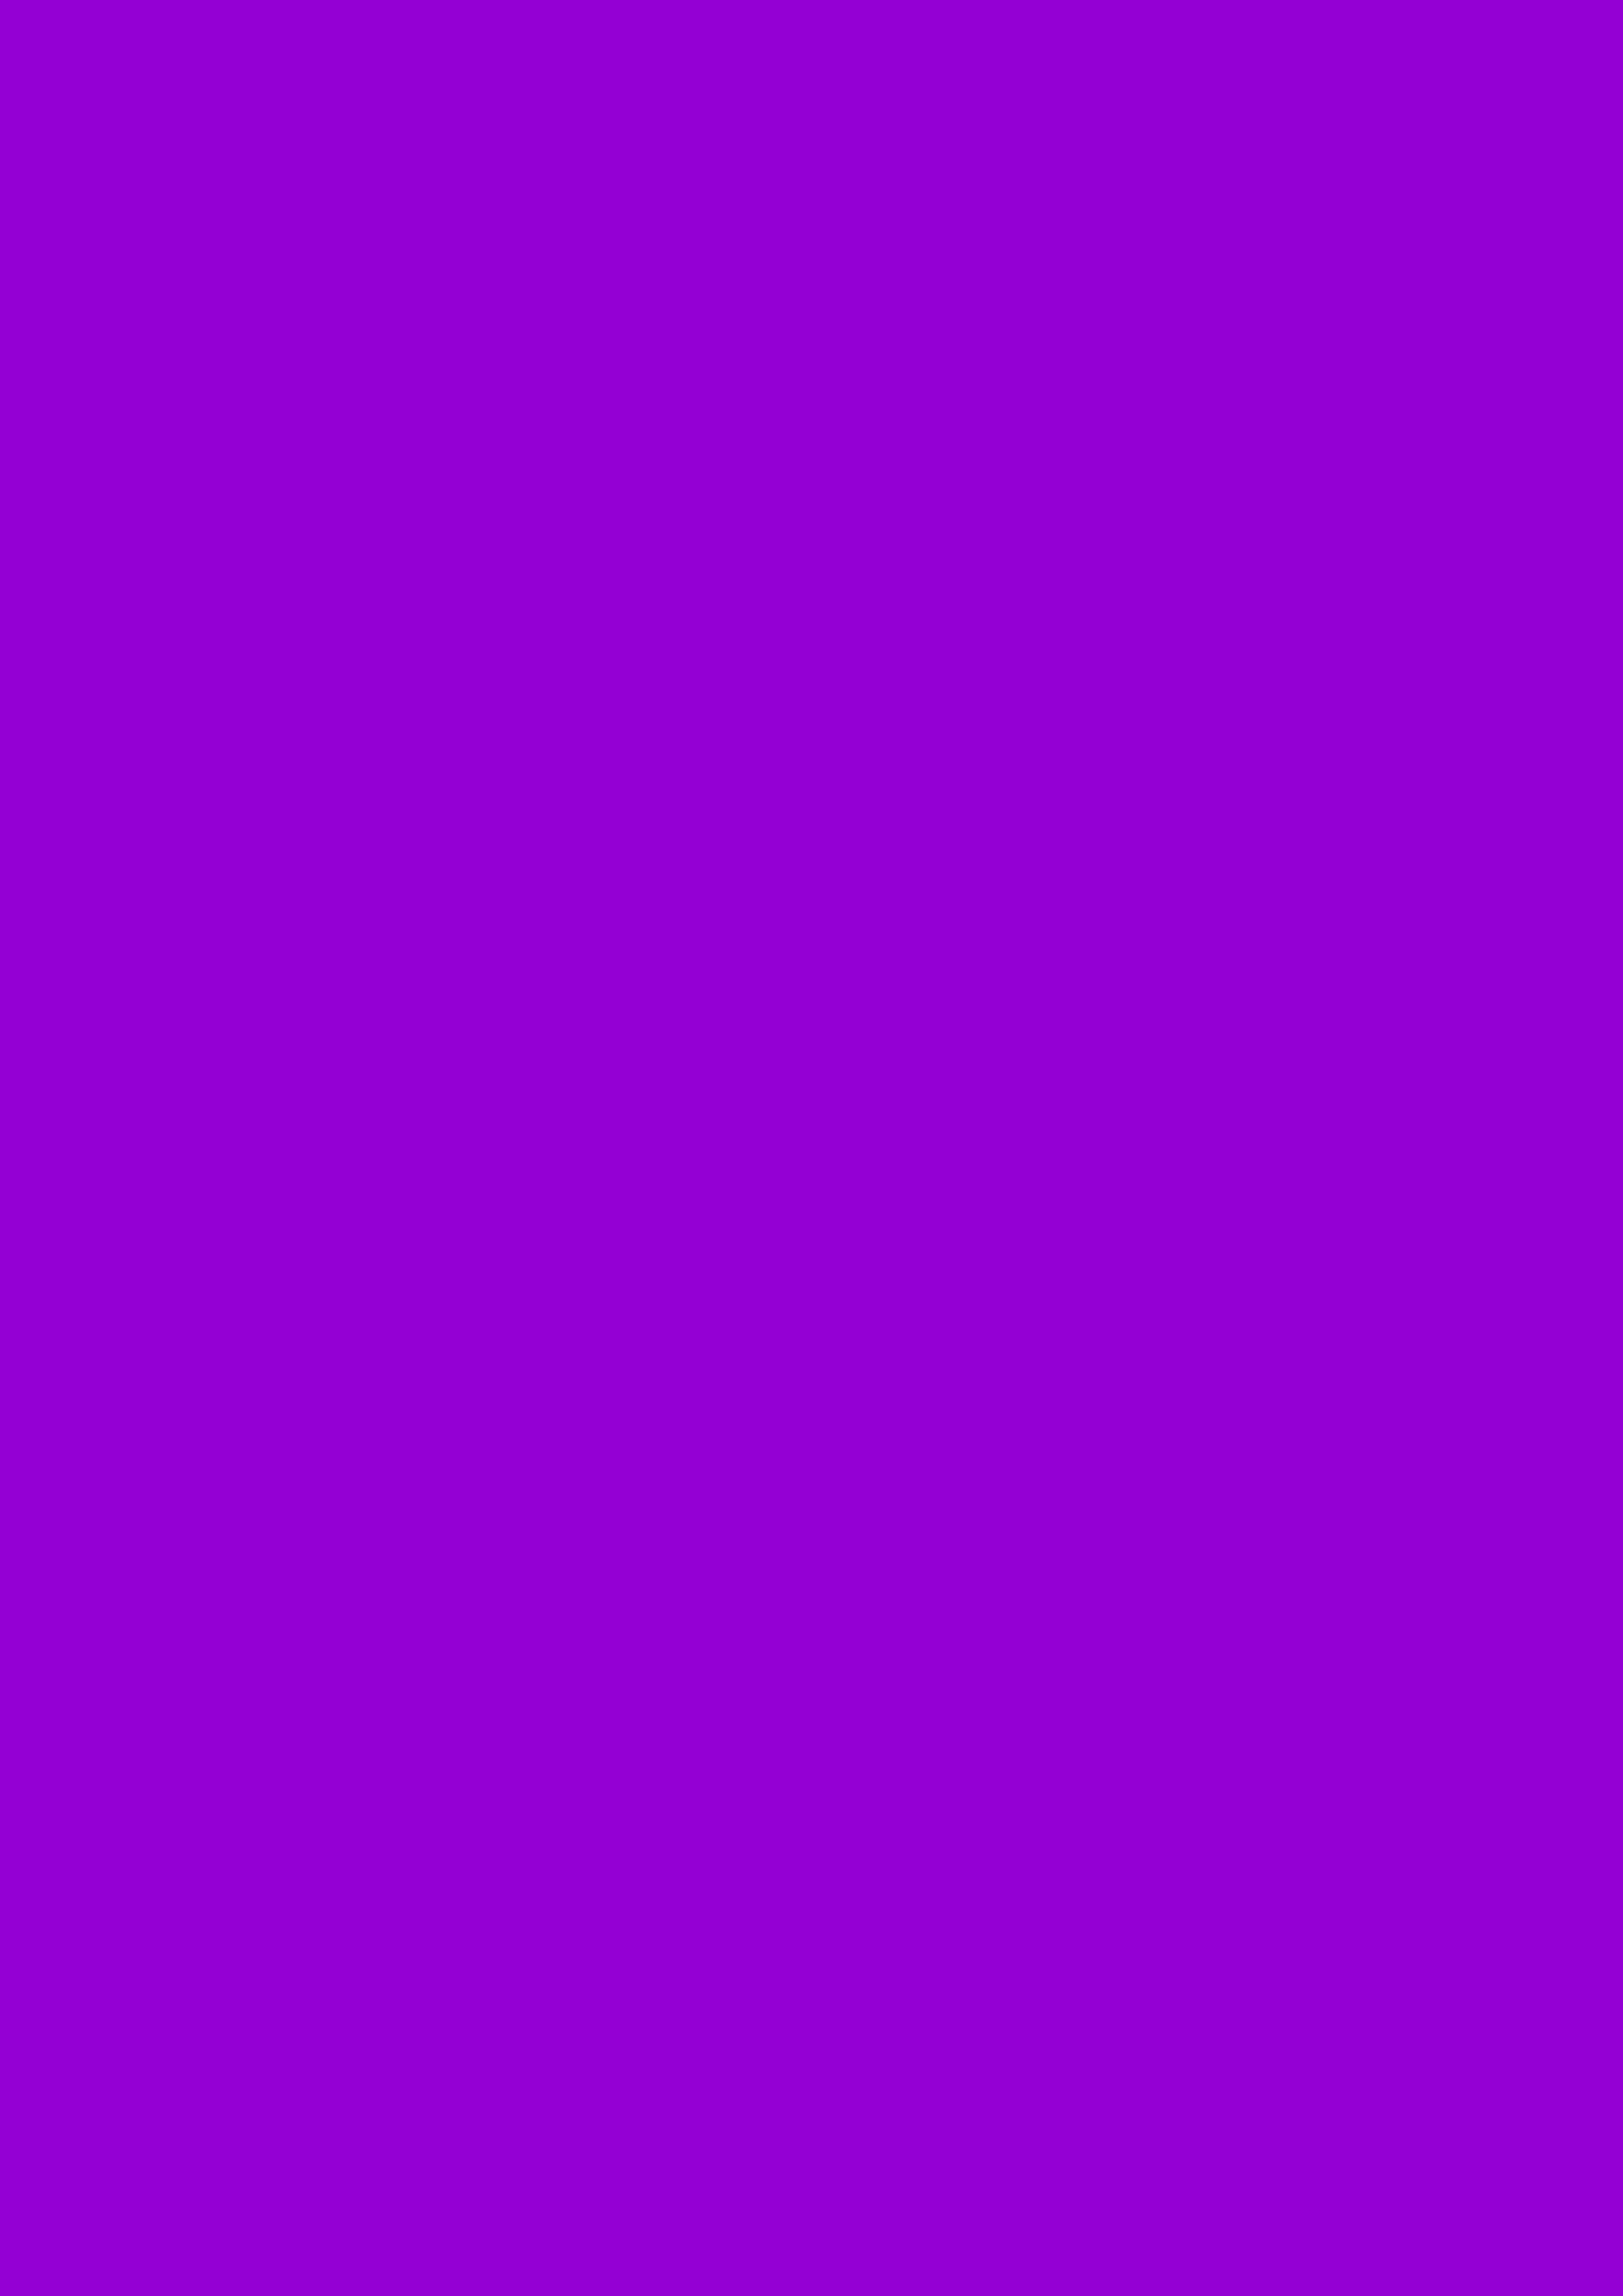 2480x3508 Dark Violet Solid Color Background